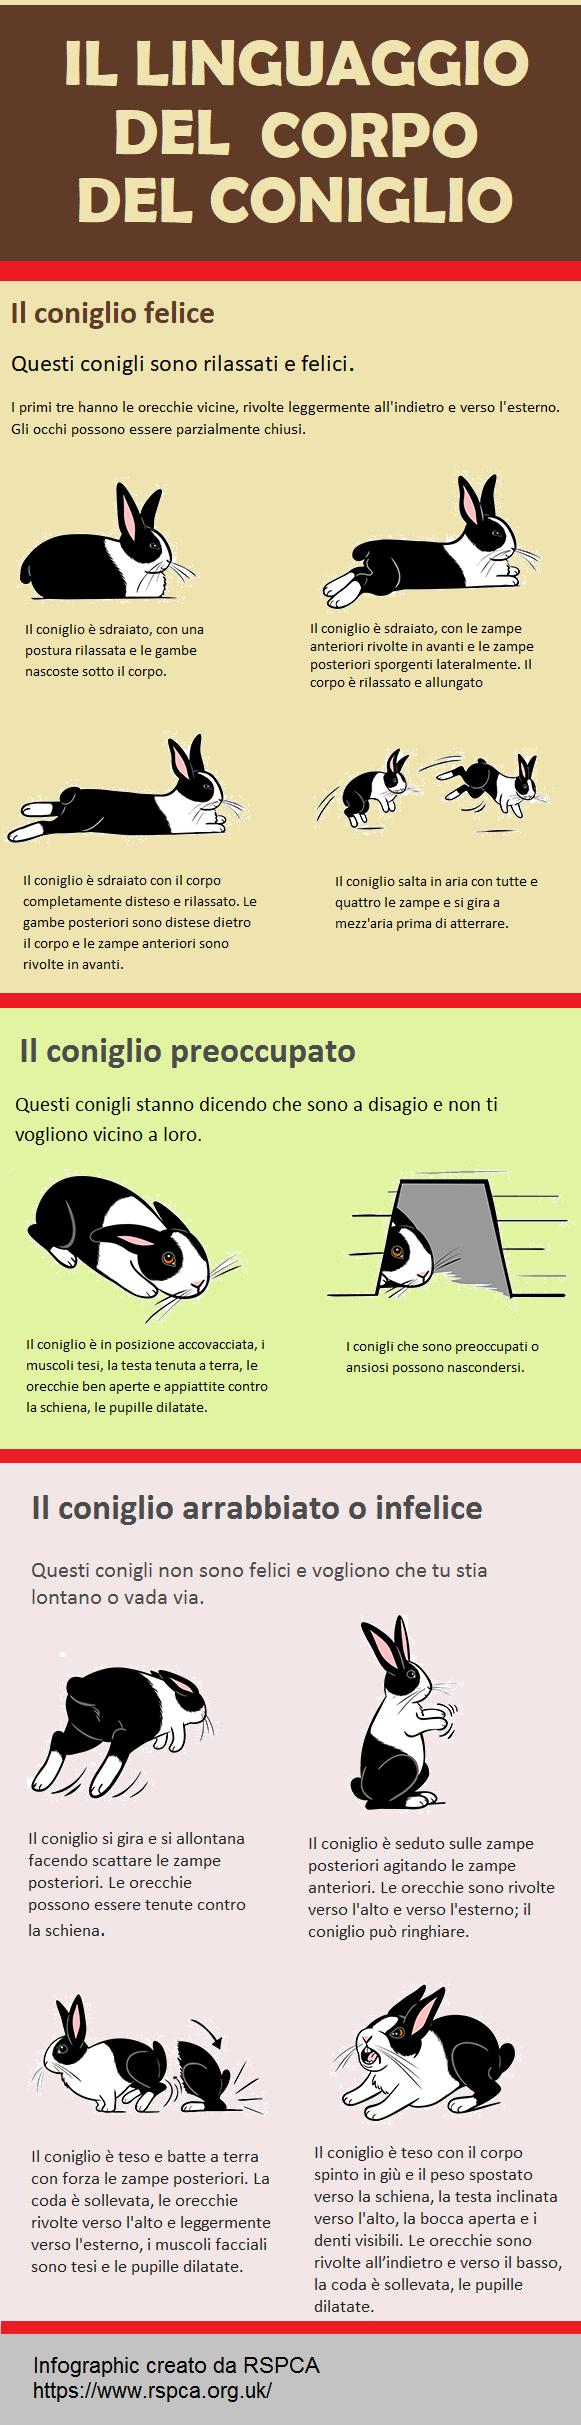 il linguaggio del corpo del coniglio